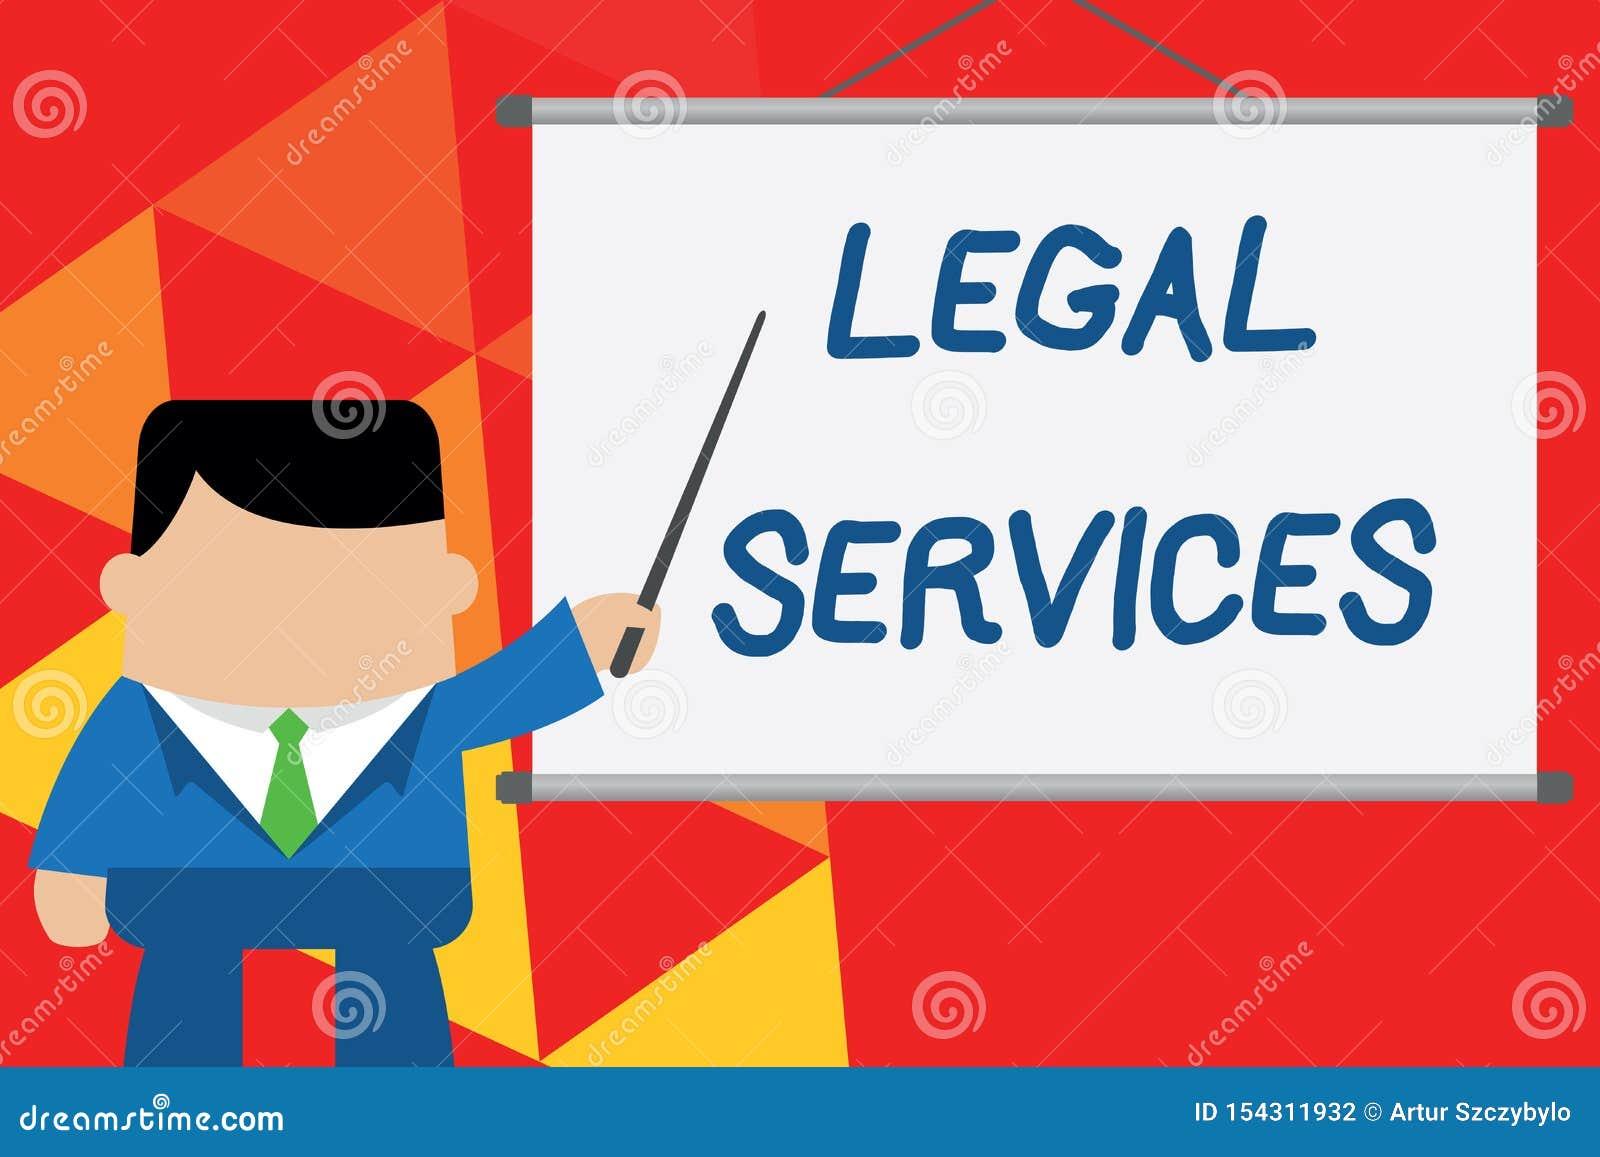 显示法律帮助的概念性手文字 企业提供存取对于正义公平的审判法律平等的照片文本